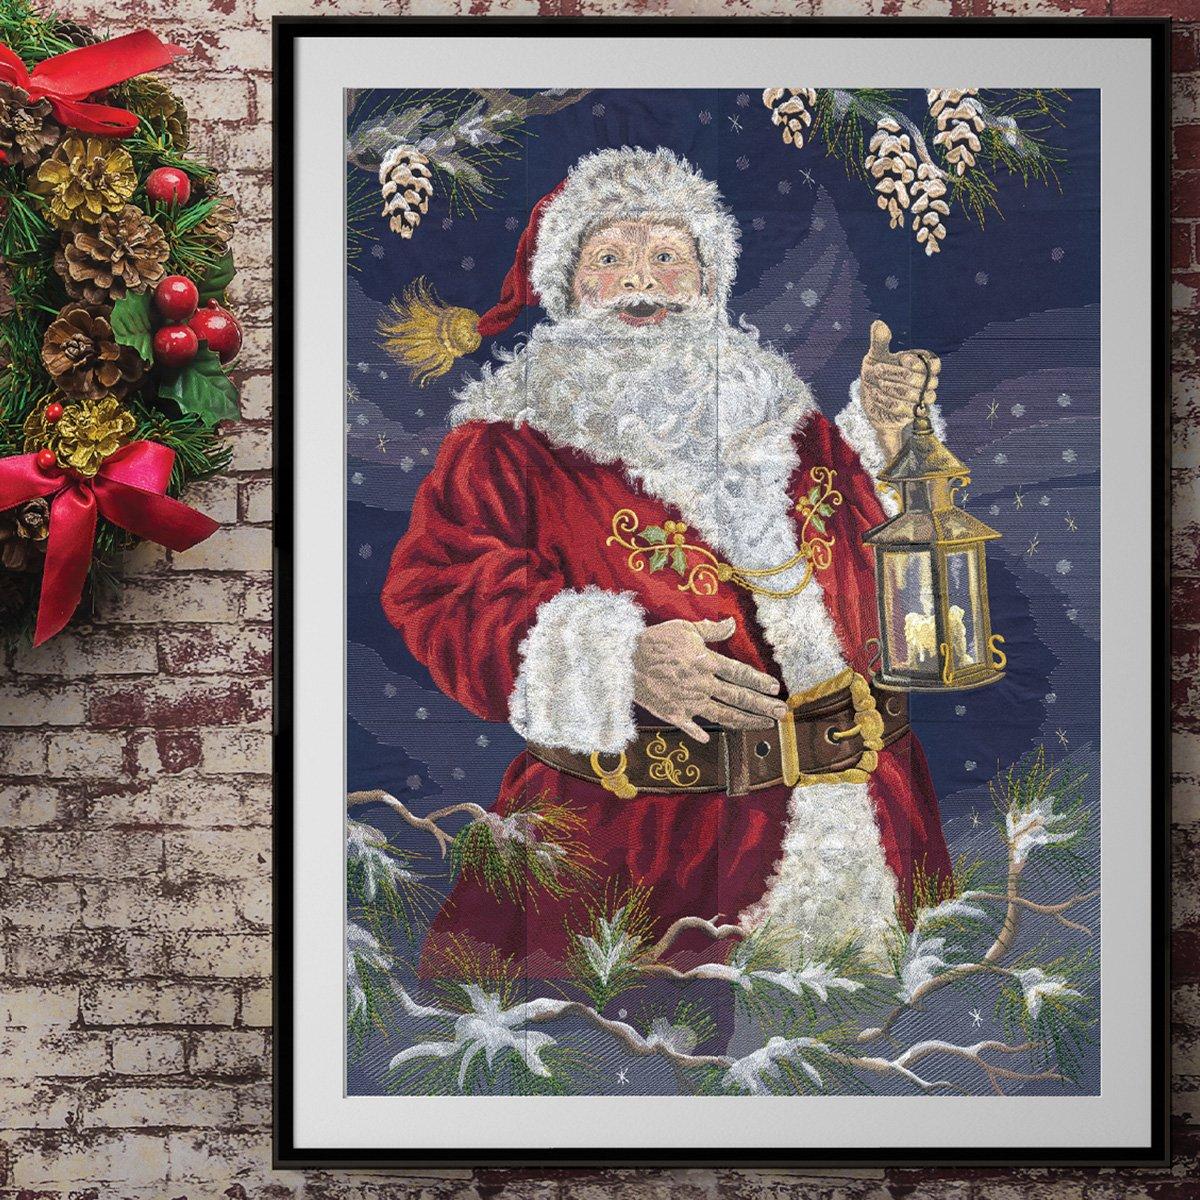 Enchanted Santa Tiling Scene by Dona Gelsinger